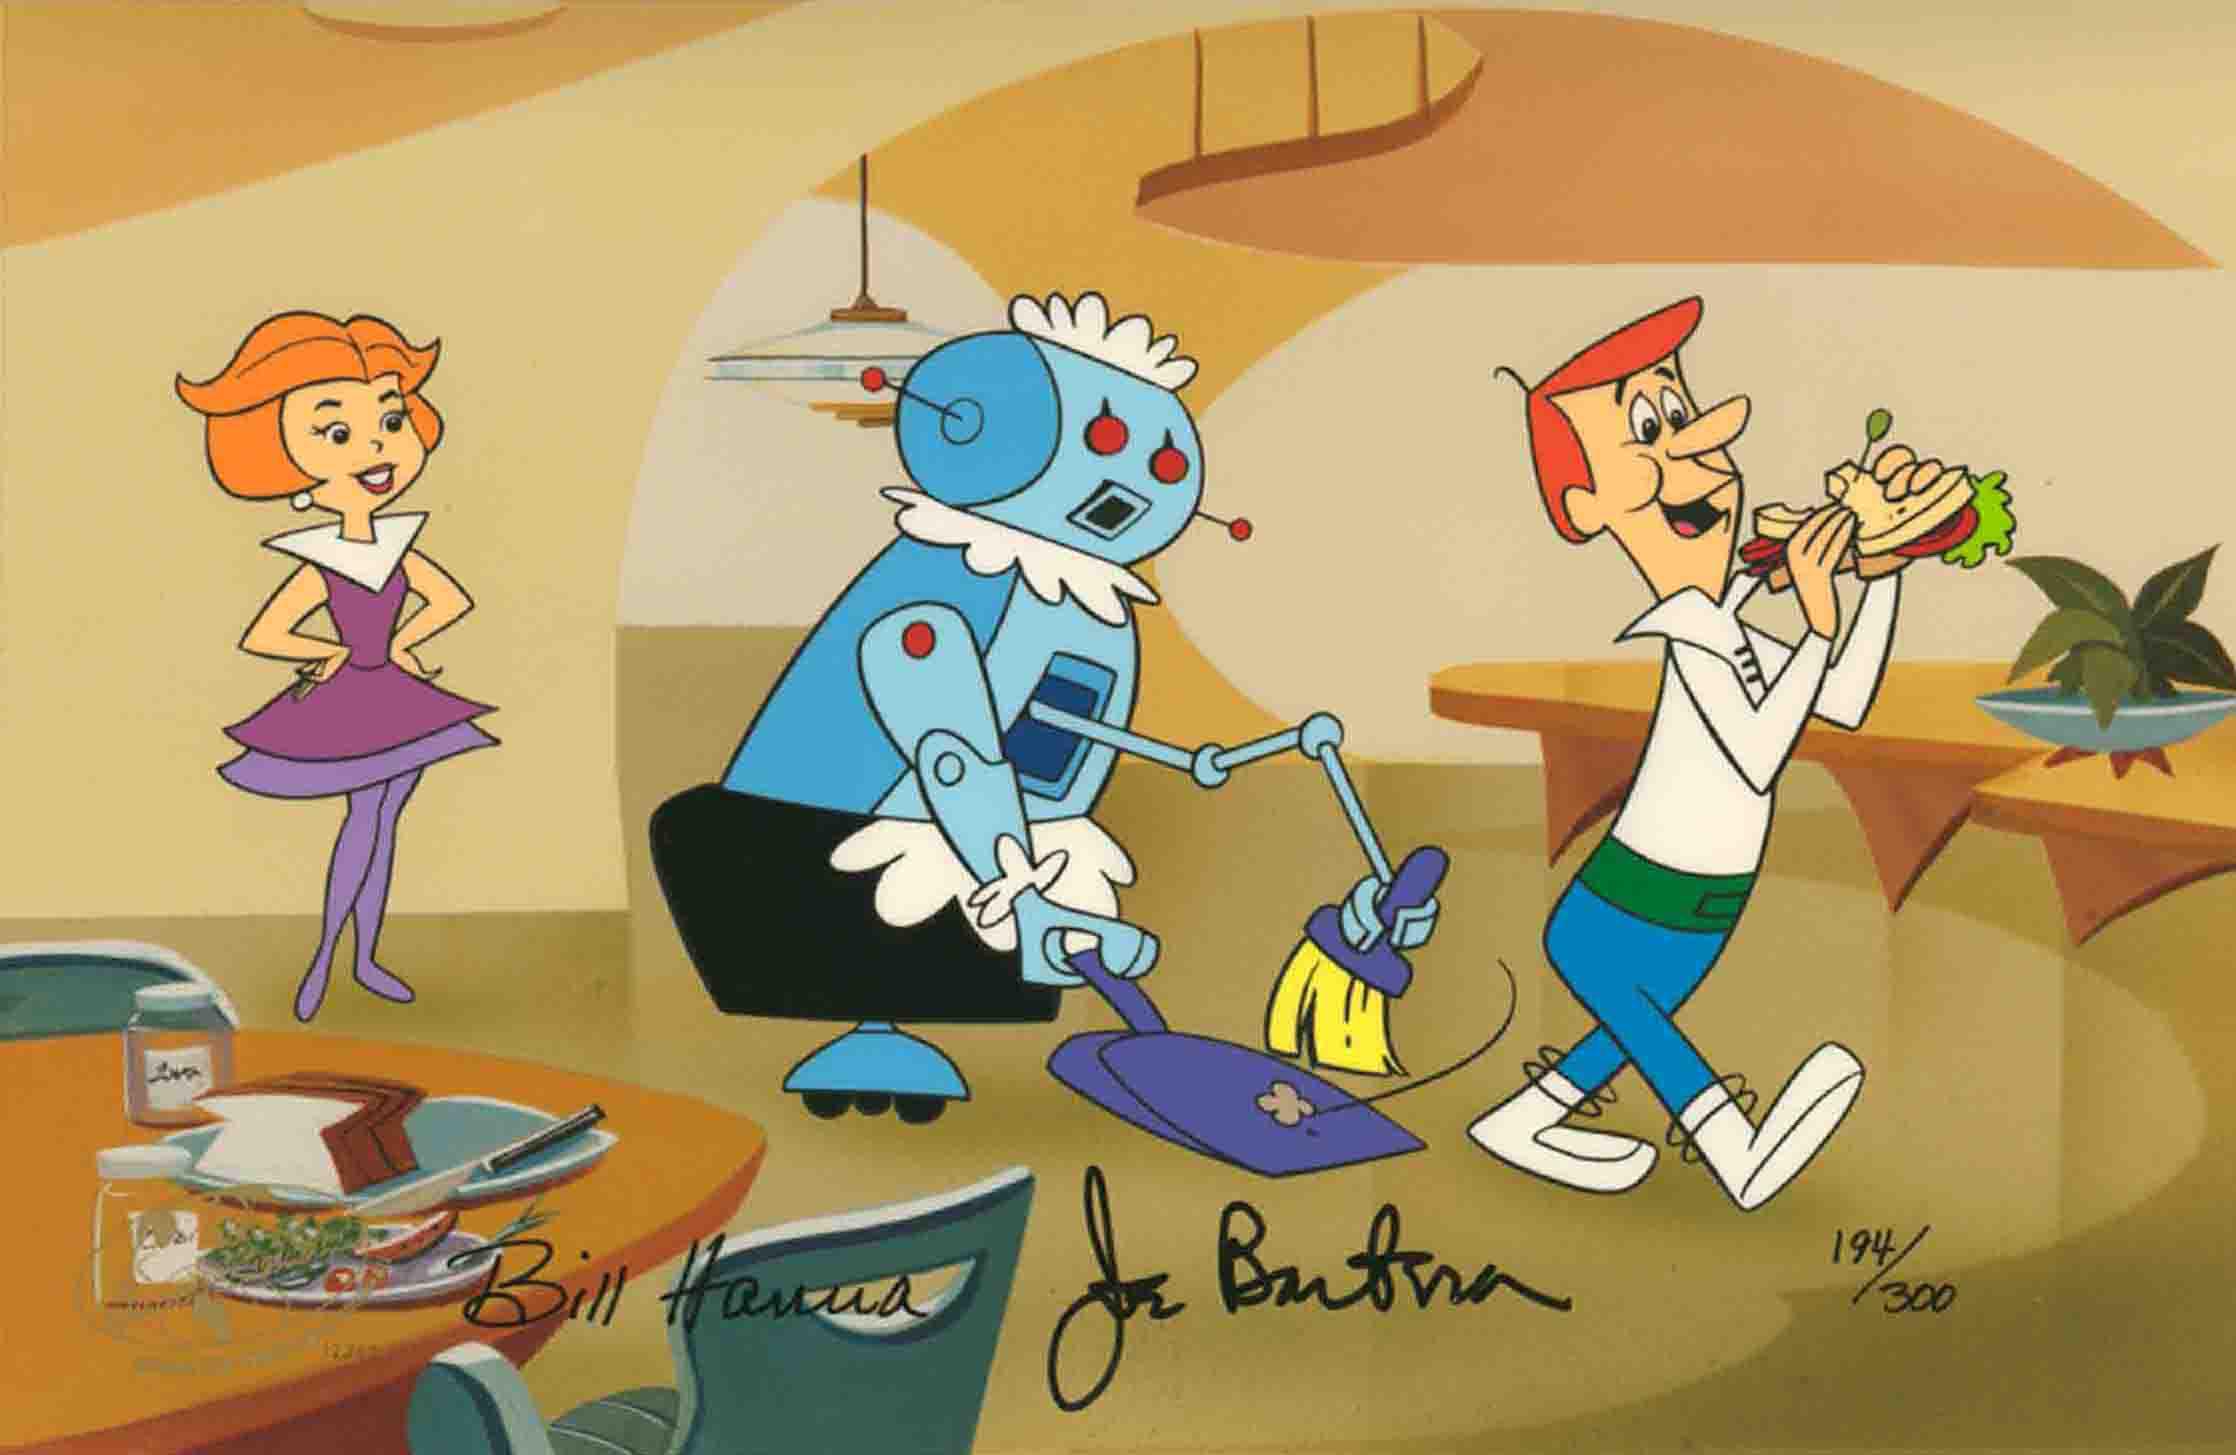 robôs para limpeza da casa